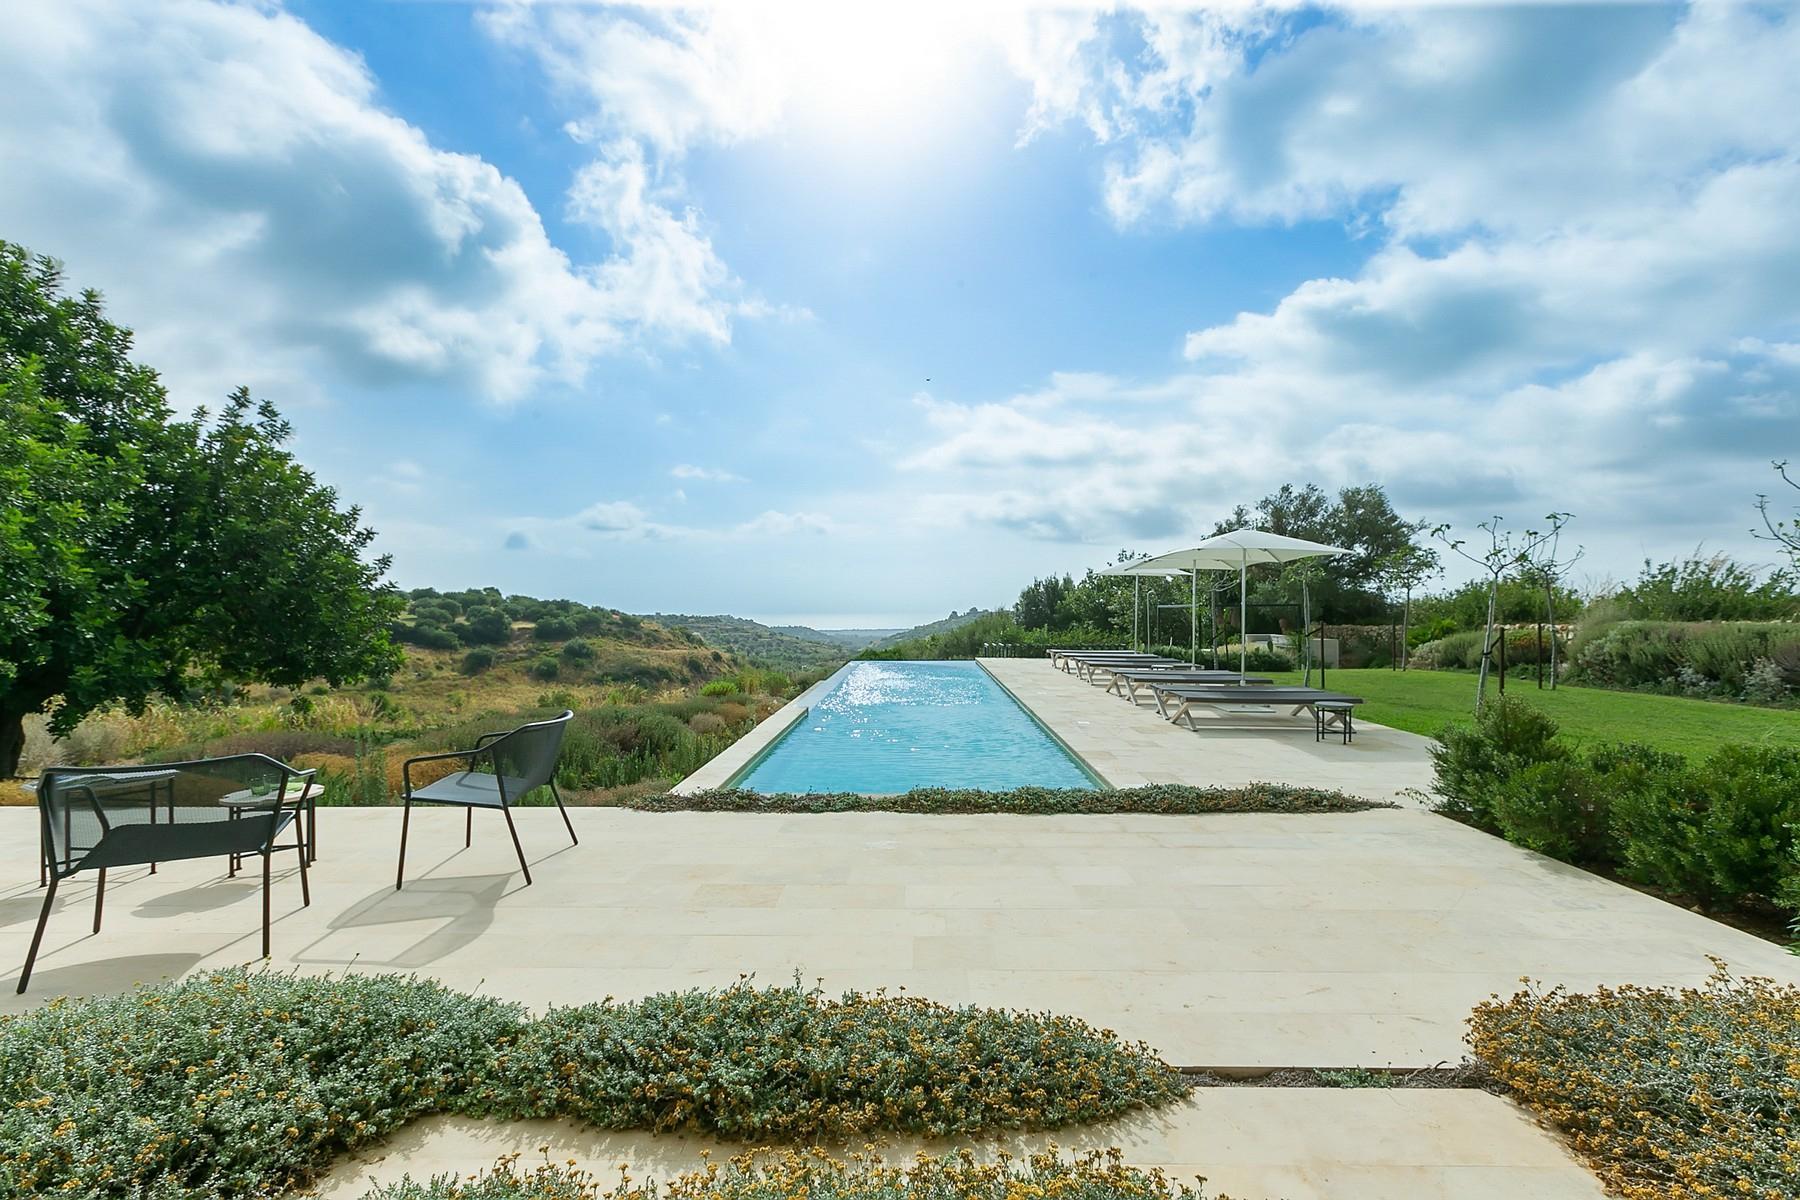 拥有游泳池和附属建筑当代设计的别墅 - 13